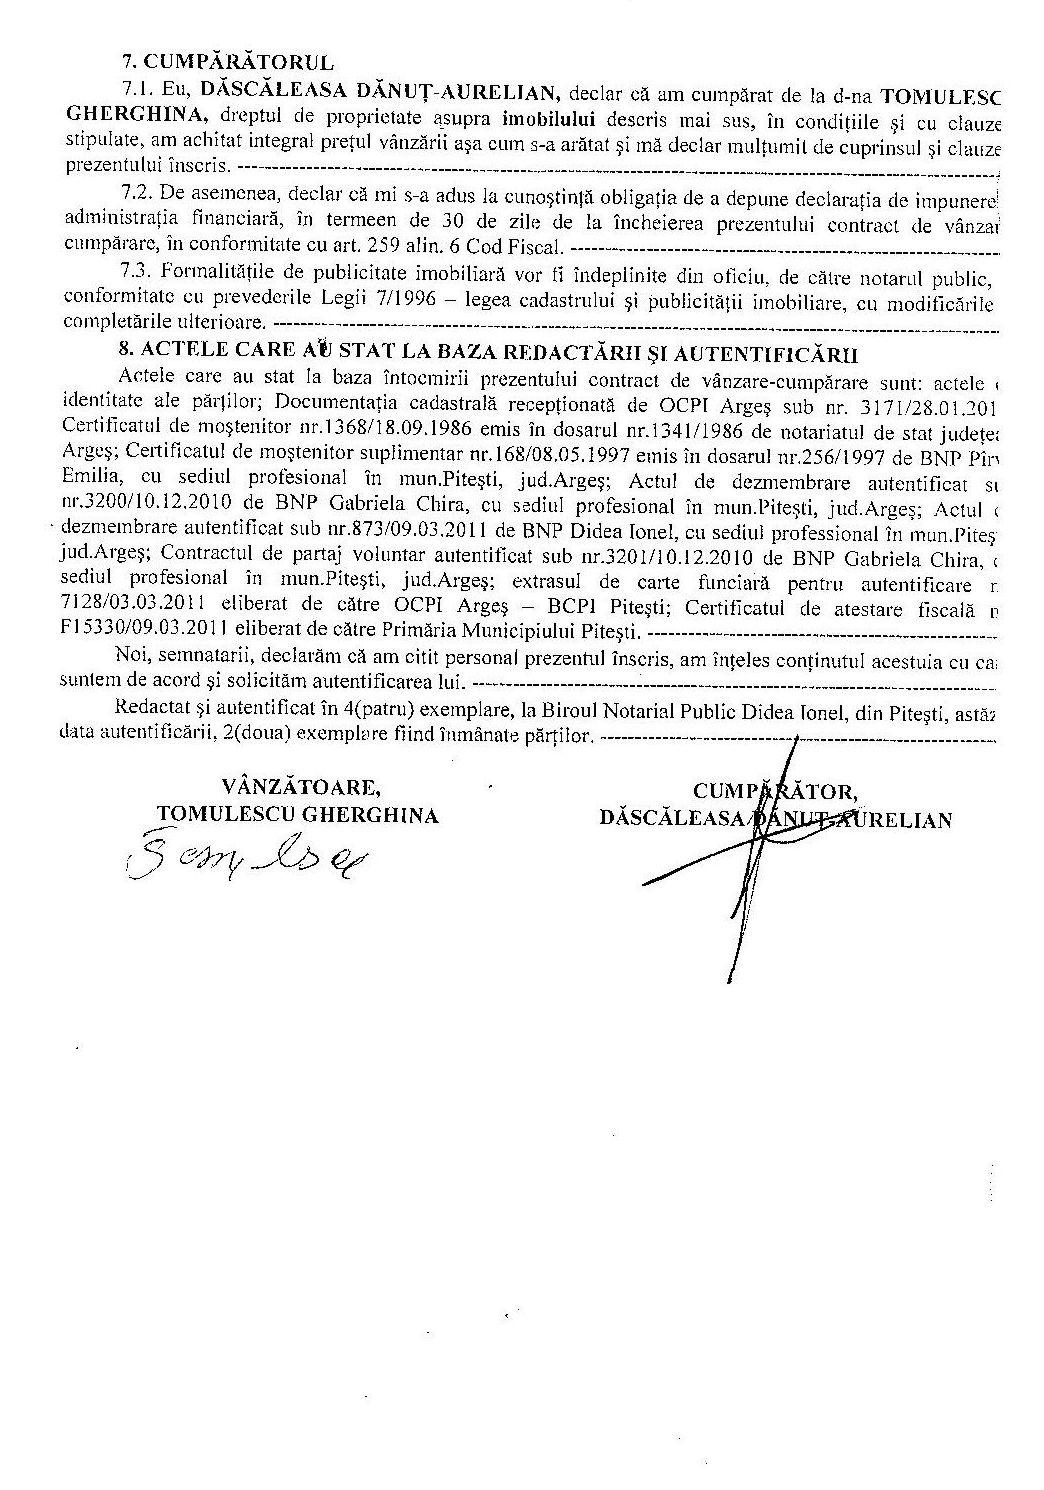 doc2 pag2 _contract fals vanzare-cumparare